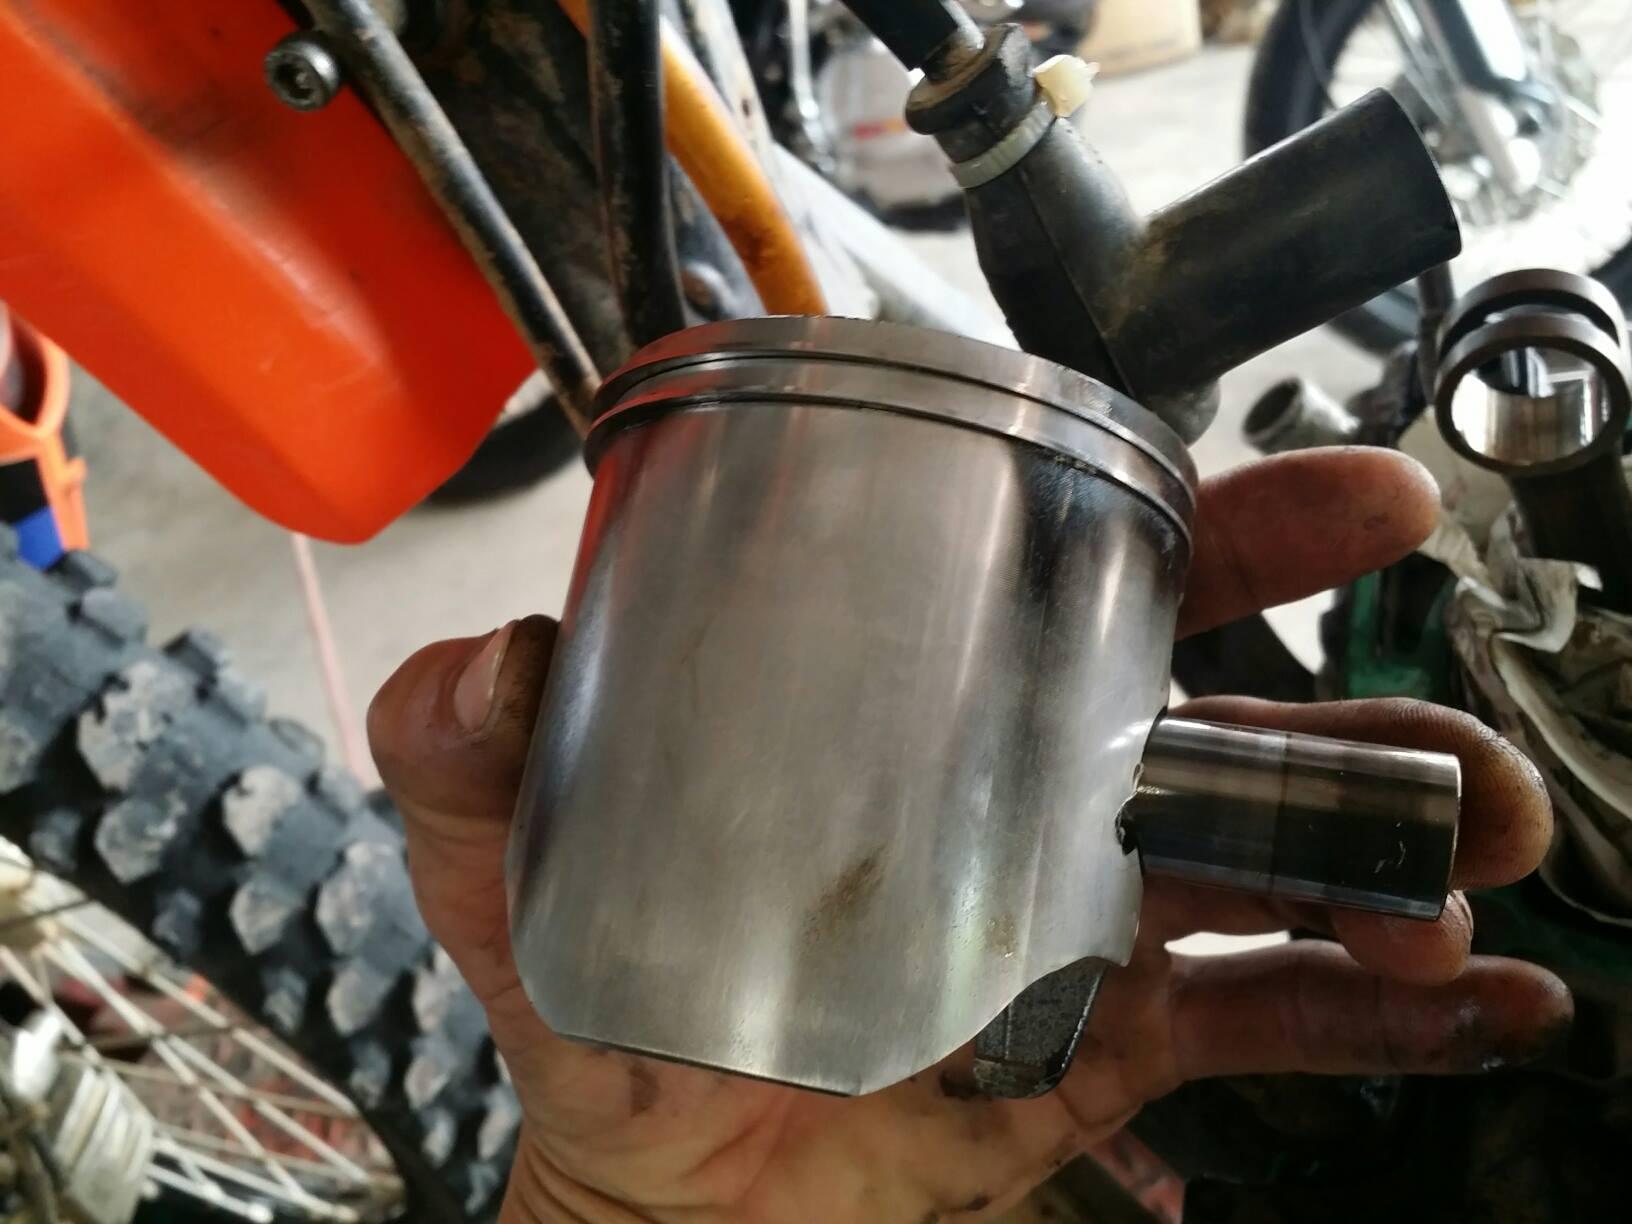 ktm 300 2-stroke bottom end engine rebuild